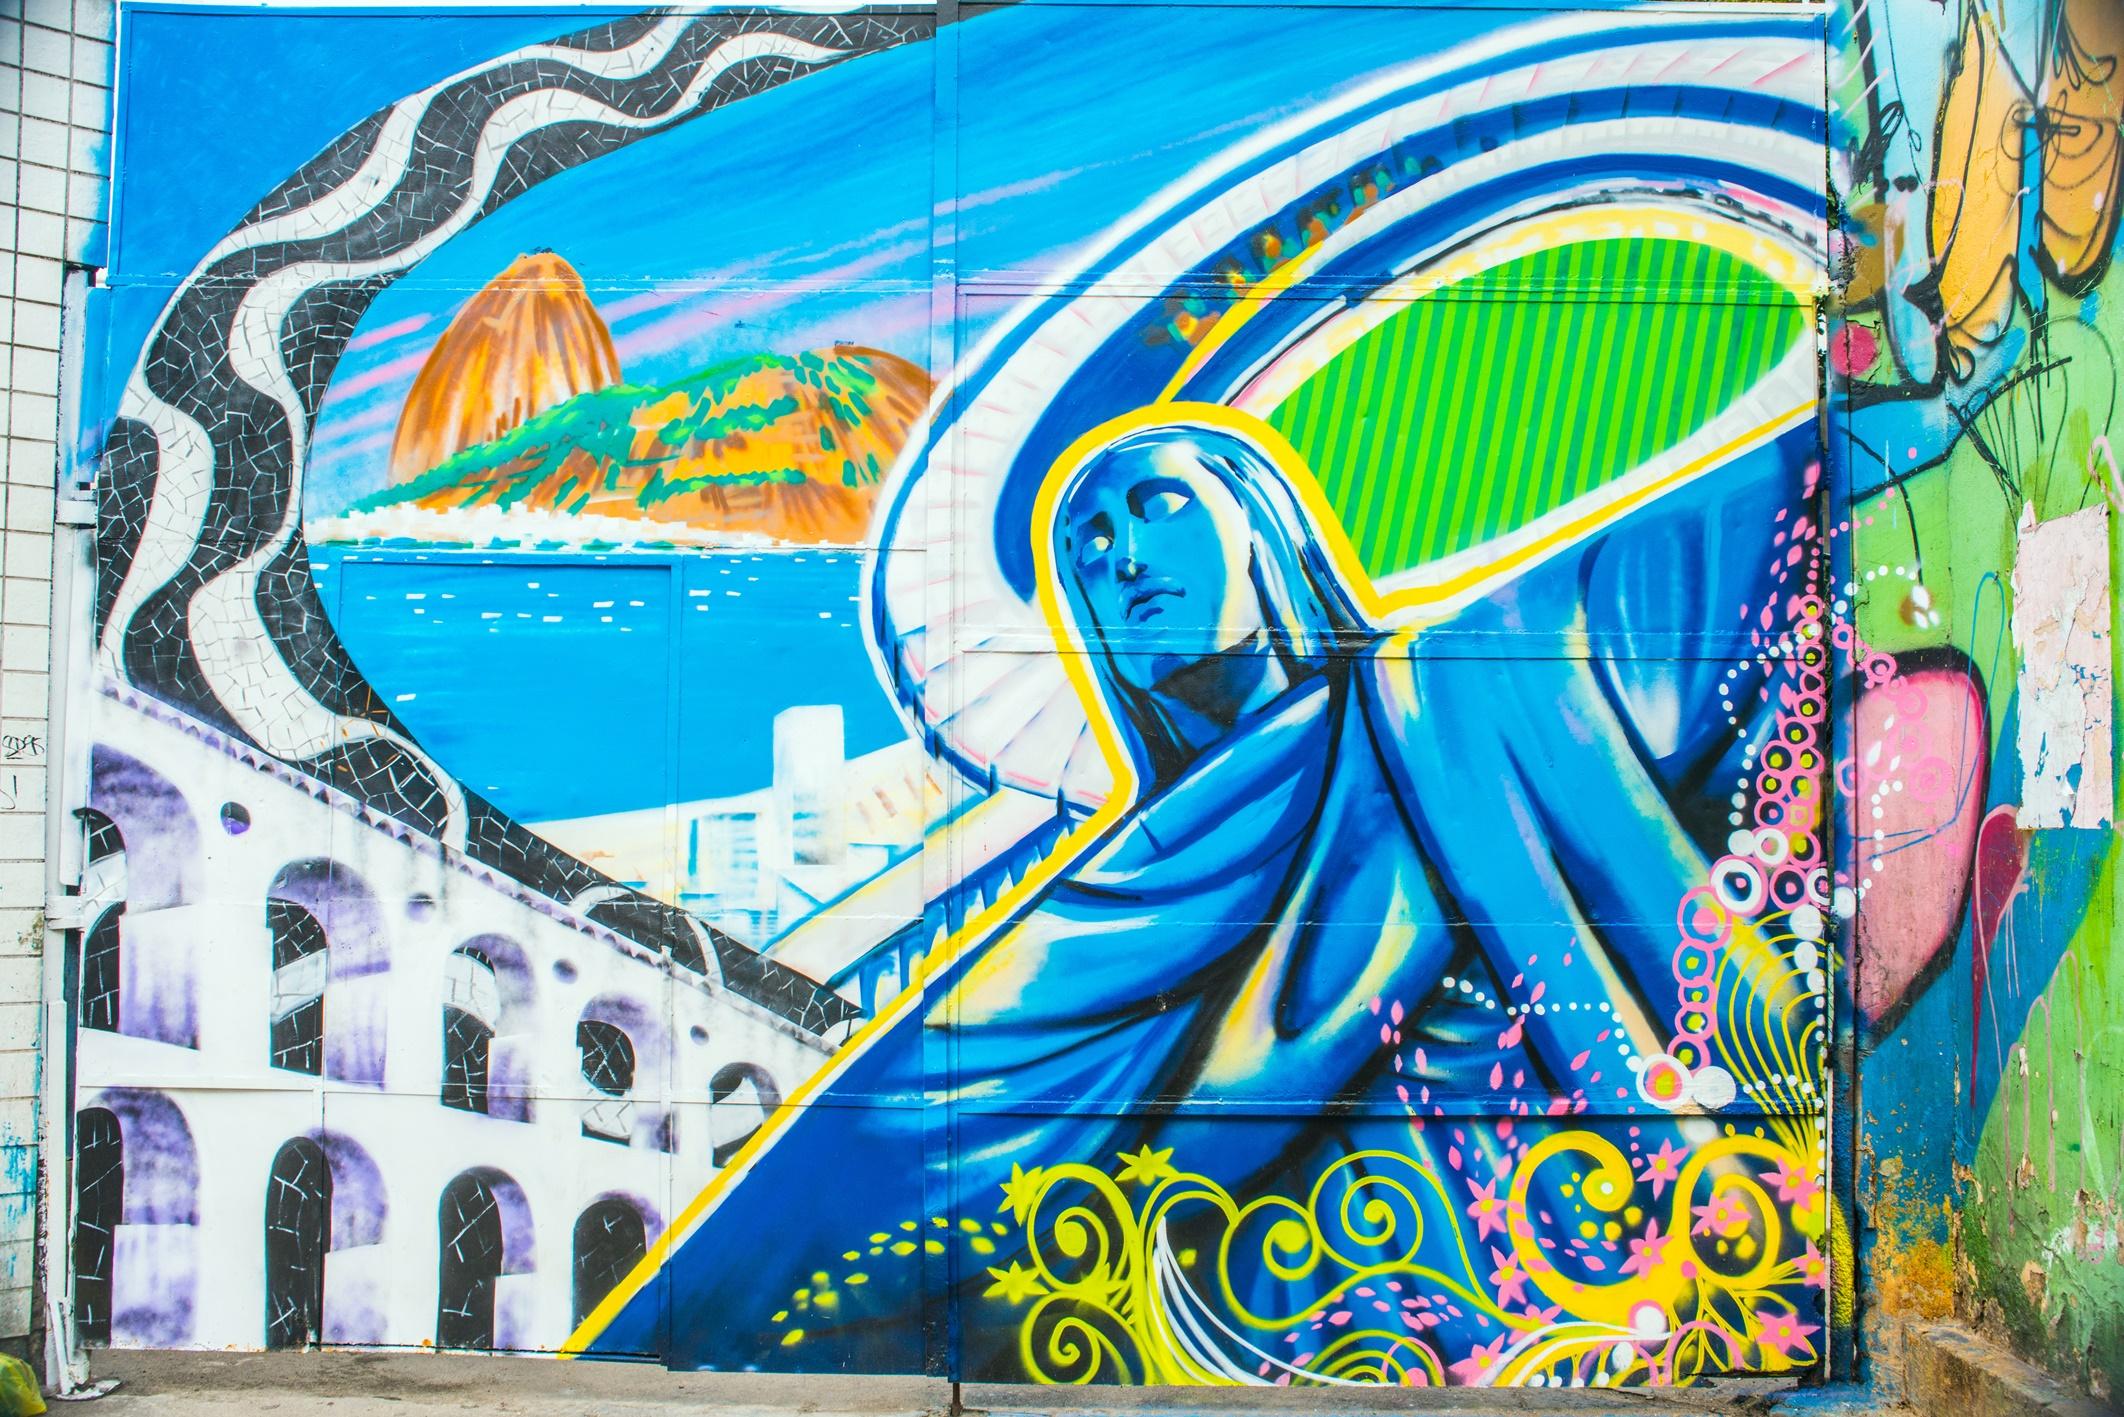 Jižní Amerika se stává Mekkou pouličního umění